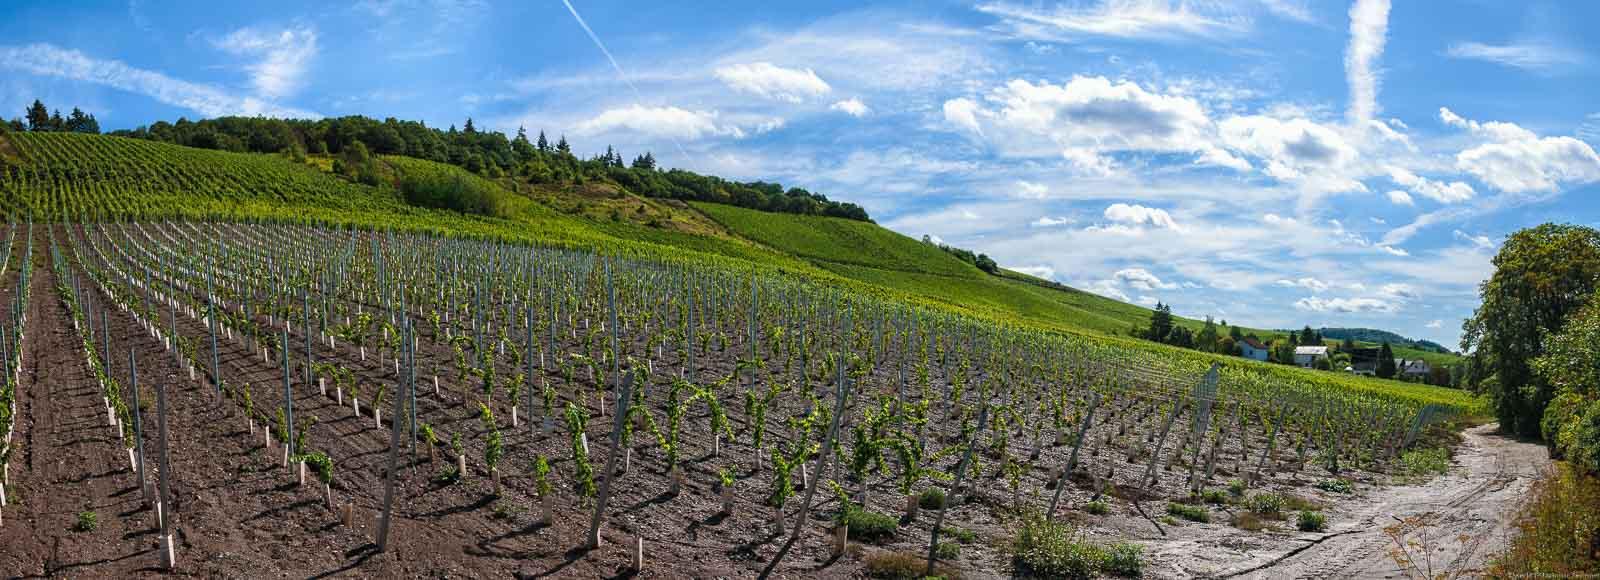 Auf dem Bild erkennt man einen neu bestockten Weinberg im Filzener Pulchen. Die jungen Riesling-Reben sind mitten im Wachstum.